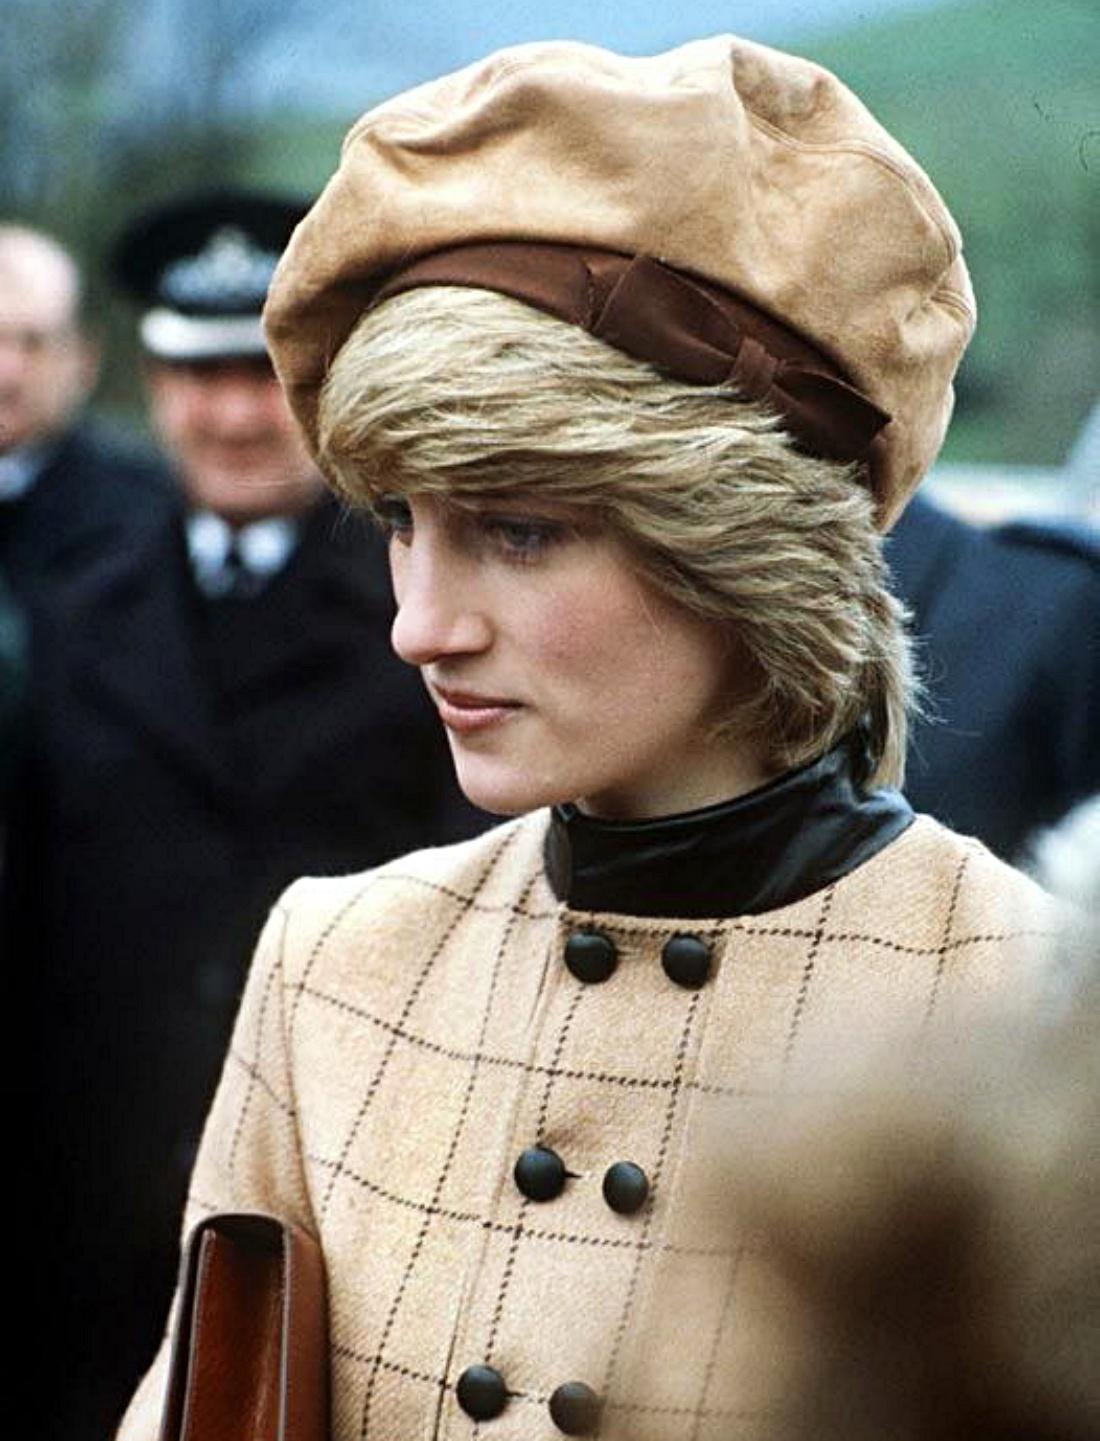 Diana de Gales - estilismos